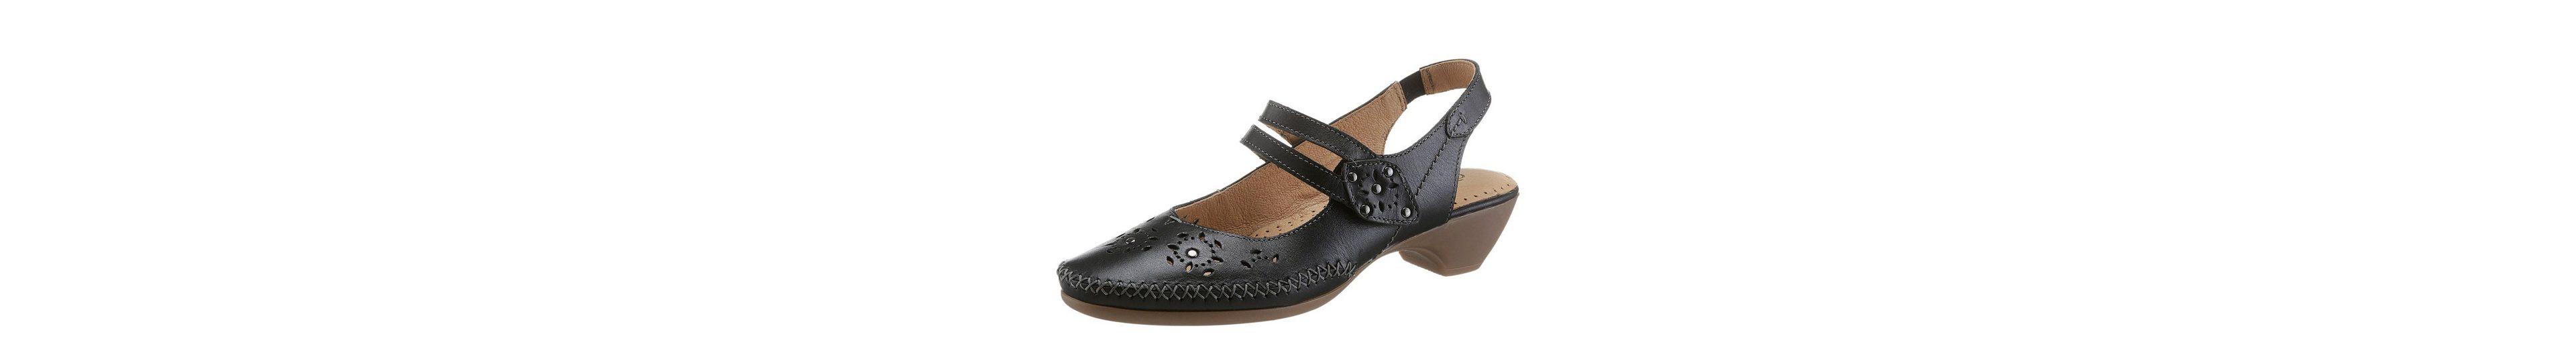 Airsoft Sandalette mit rutschhemmender TR-Laufsohle Wo Findet Man Rabatt-Angebote Freies Verschiffen Der Offizielle Website Billig Verkauf 100% Original CHWZWrcN